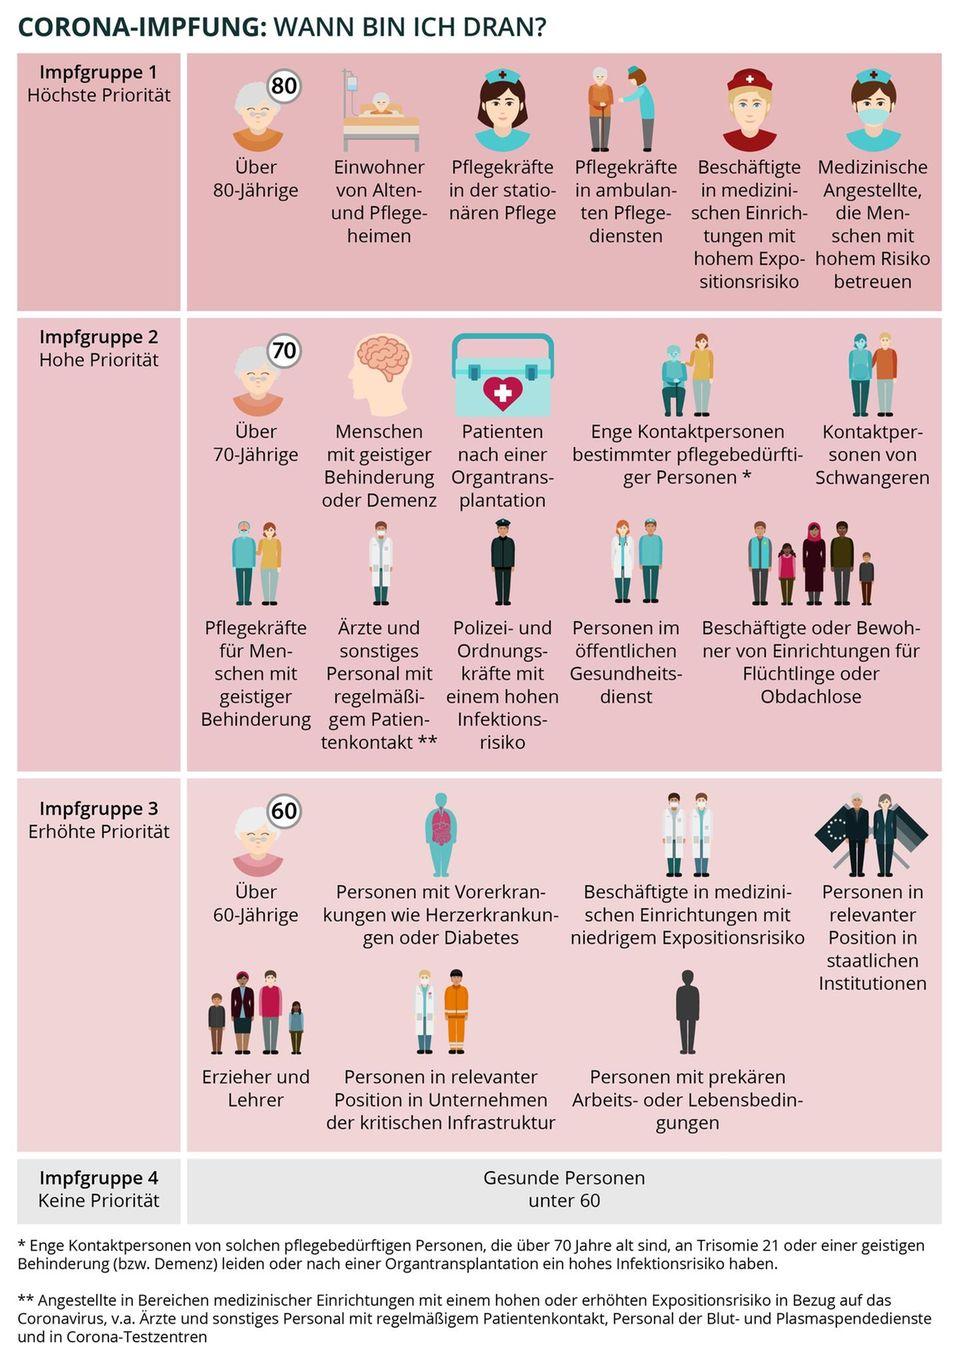 Infografik zu den Impfgruppen